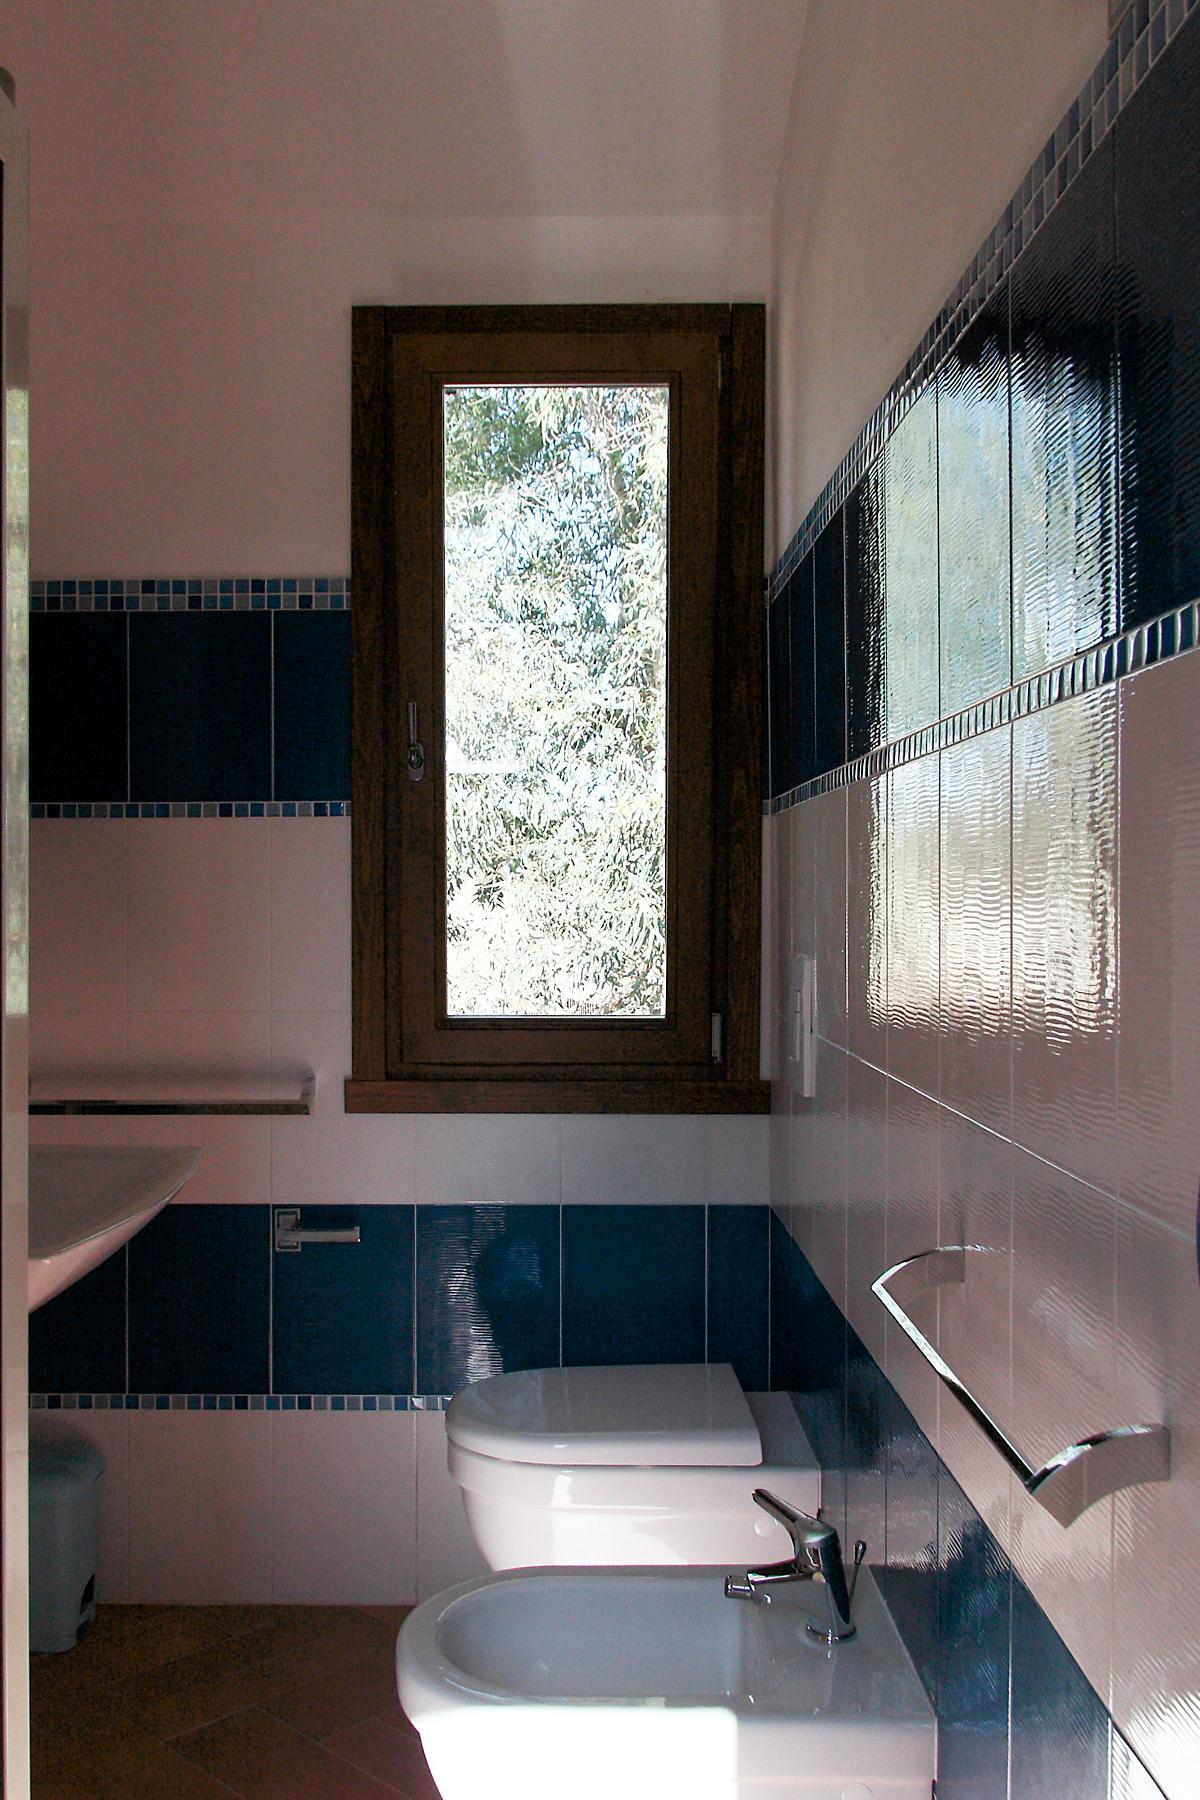 ferienhaus costa rei - turmvilla mit pool, Badezimmer ideen